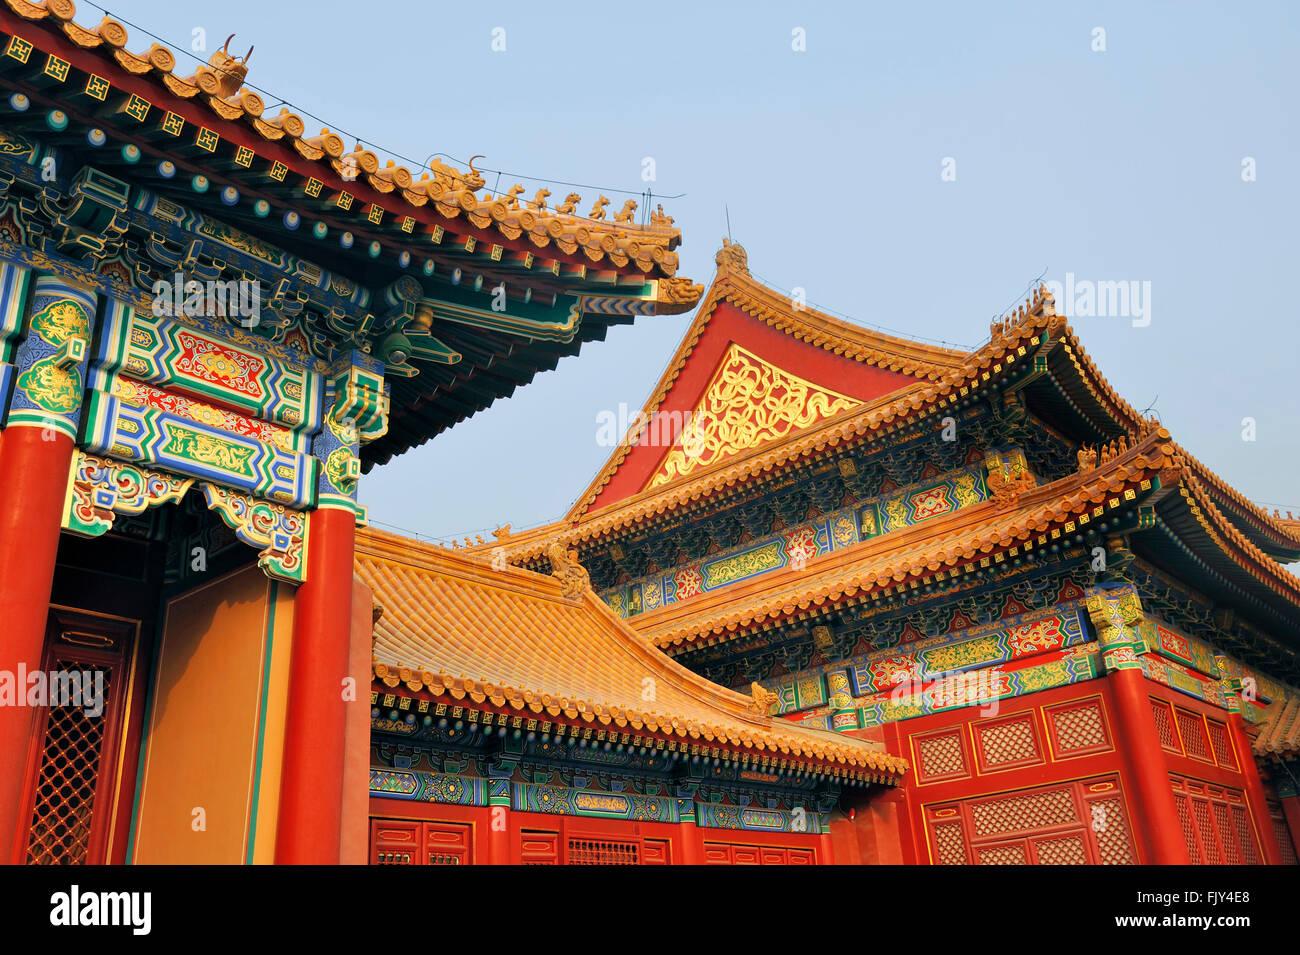 Gli edifici e i tetti a la città proibita a Pechino, Cina Foto stock - Alamy